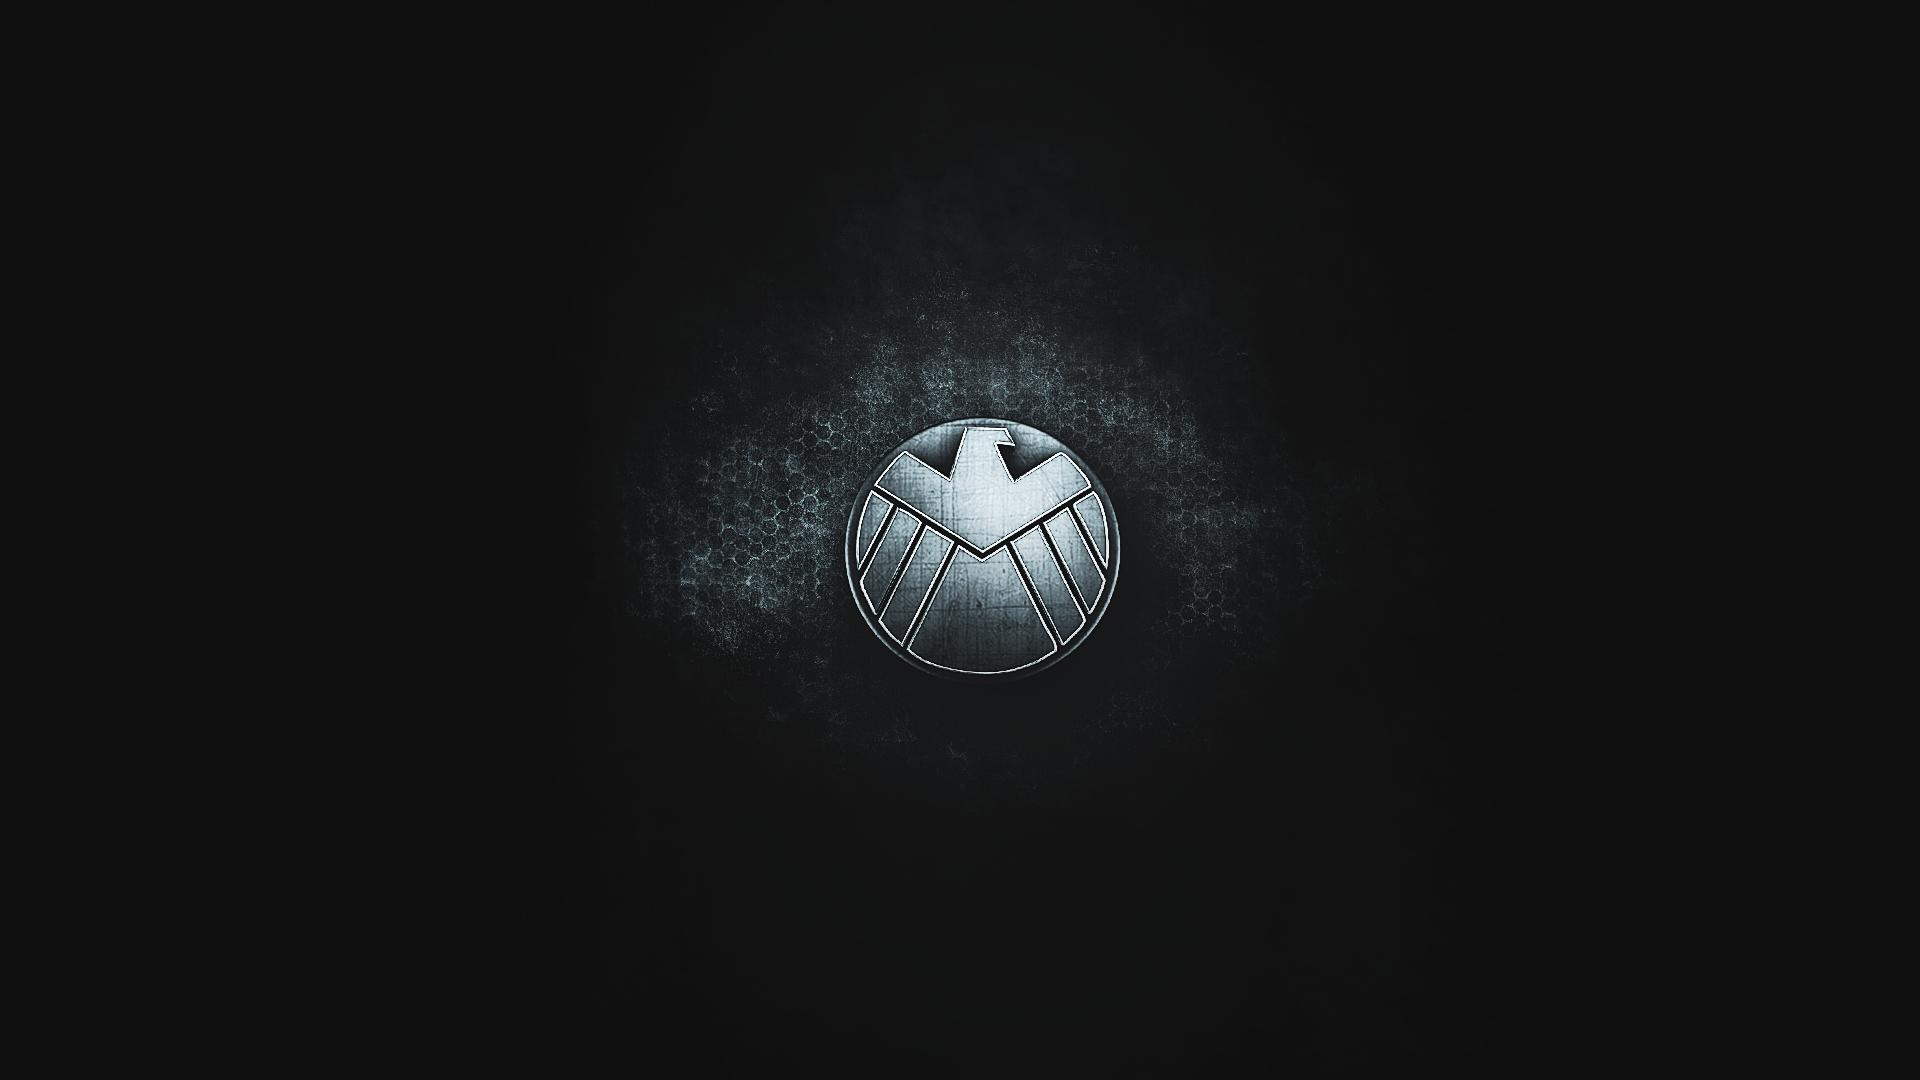 avengers wallpaper hd for windows 7